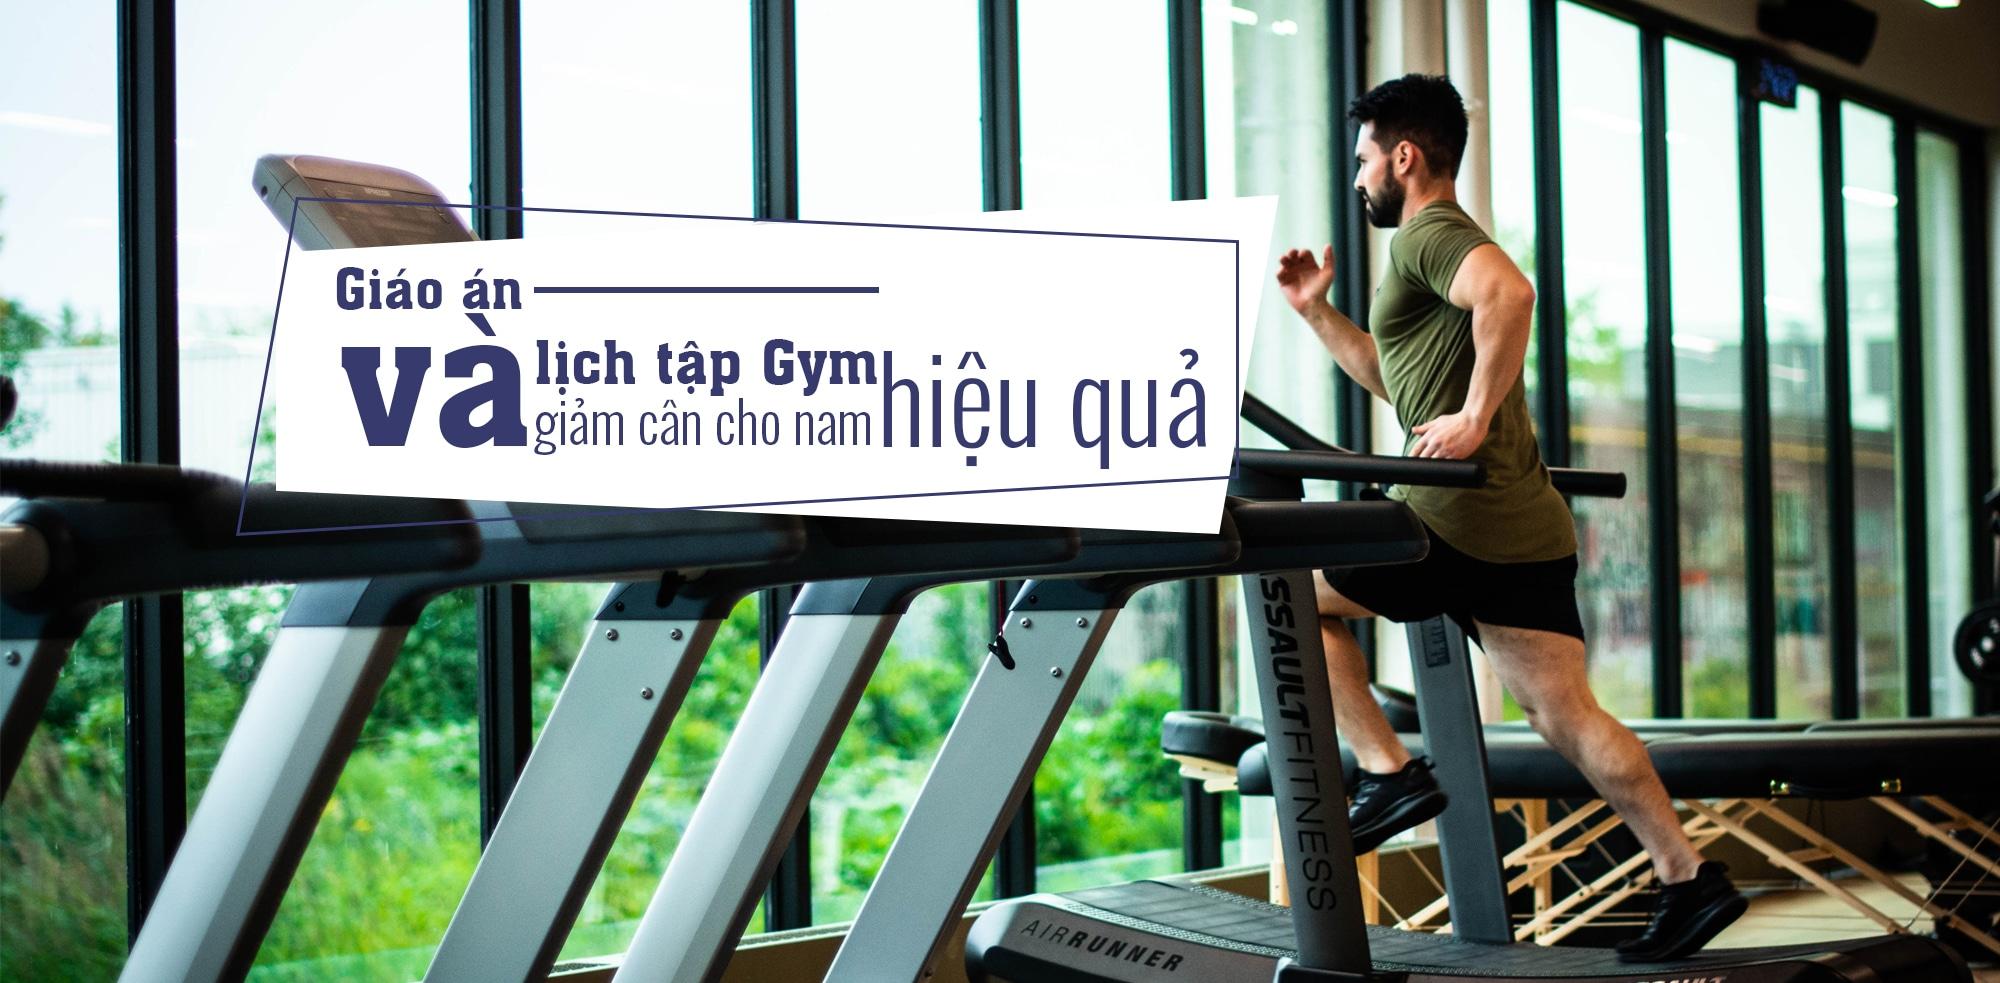 Giáo án và lịch tập gym giảm cân cho nam.